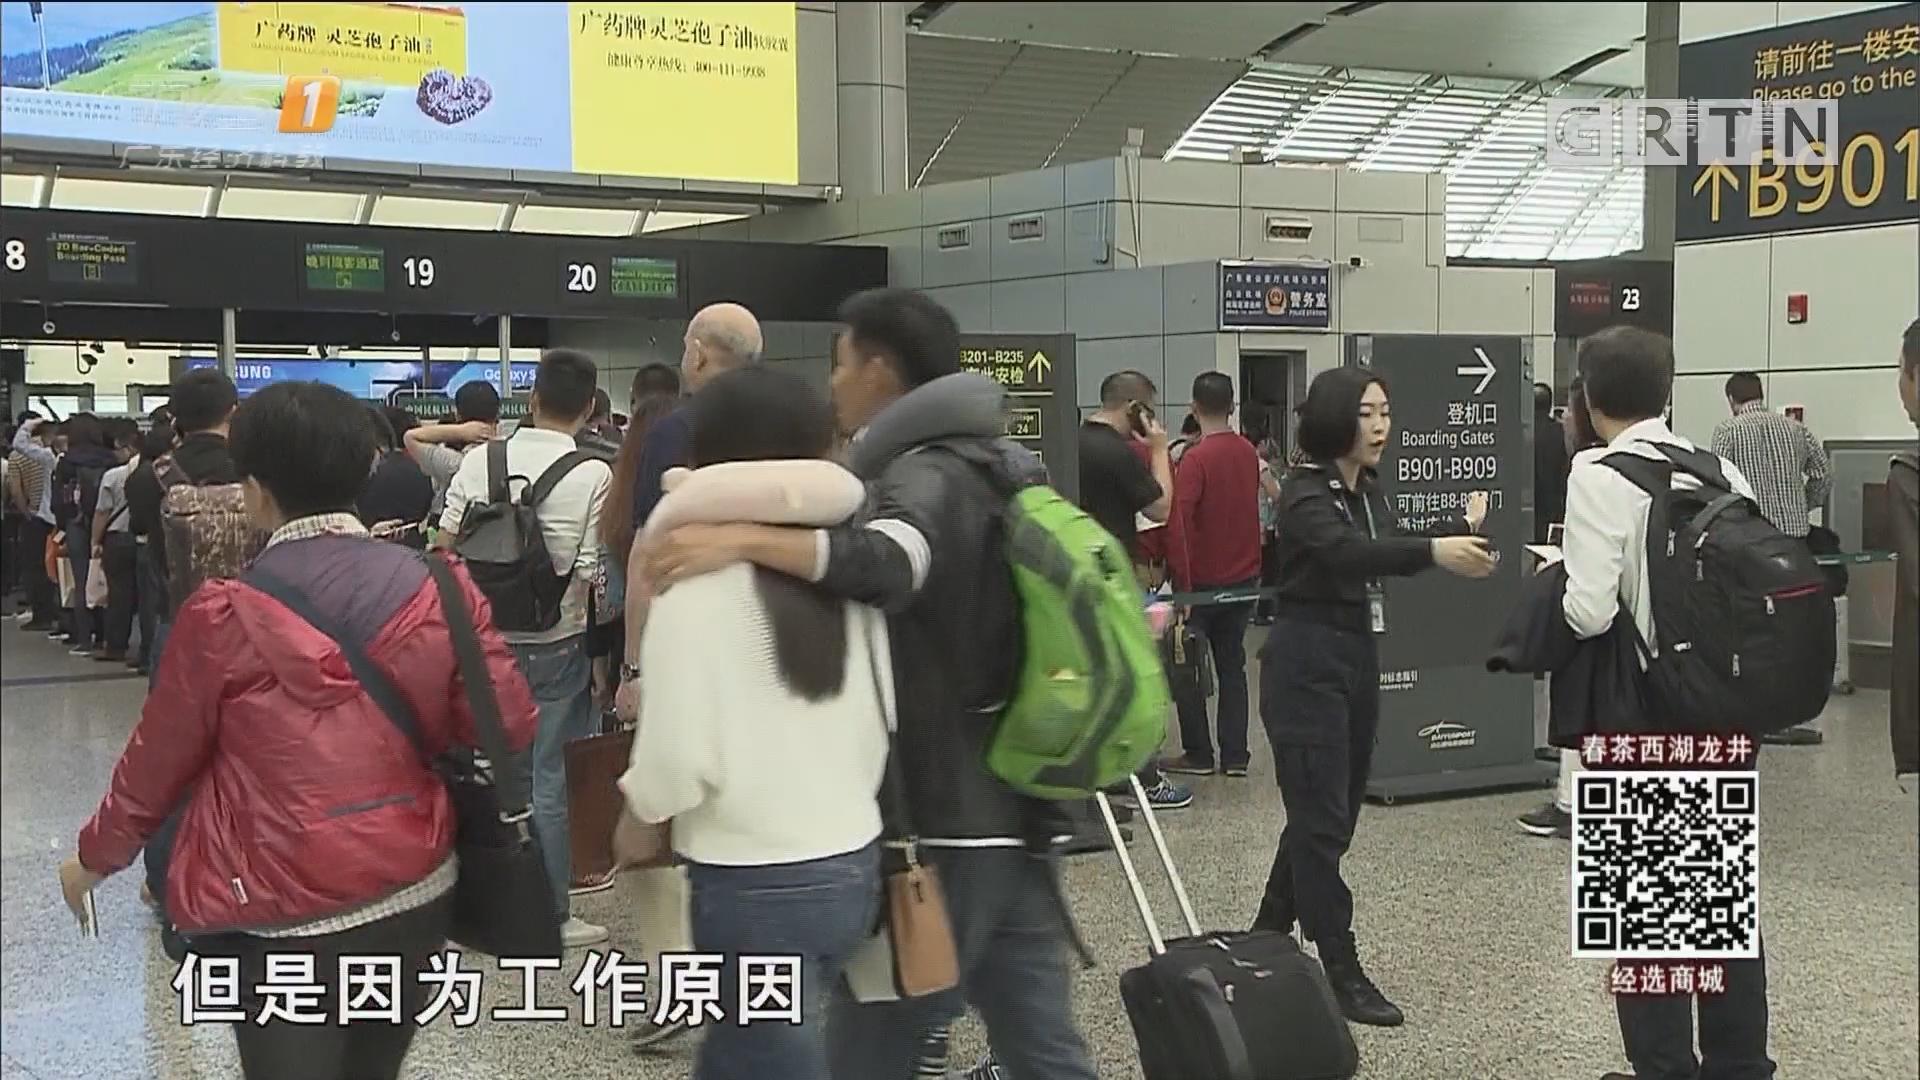 假期+广交会回程 白云机场将迎出城高峰